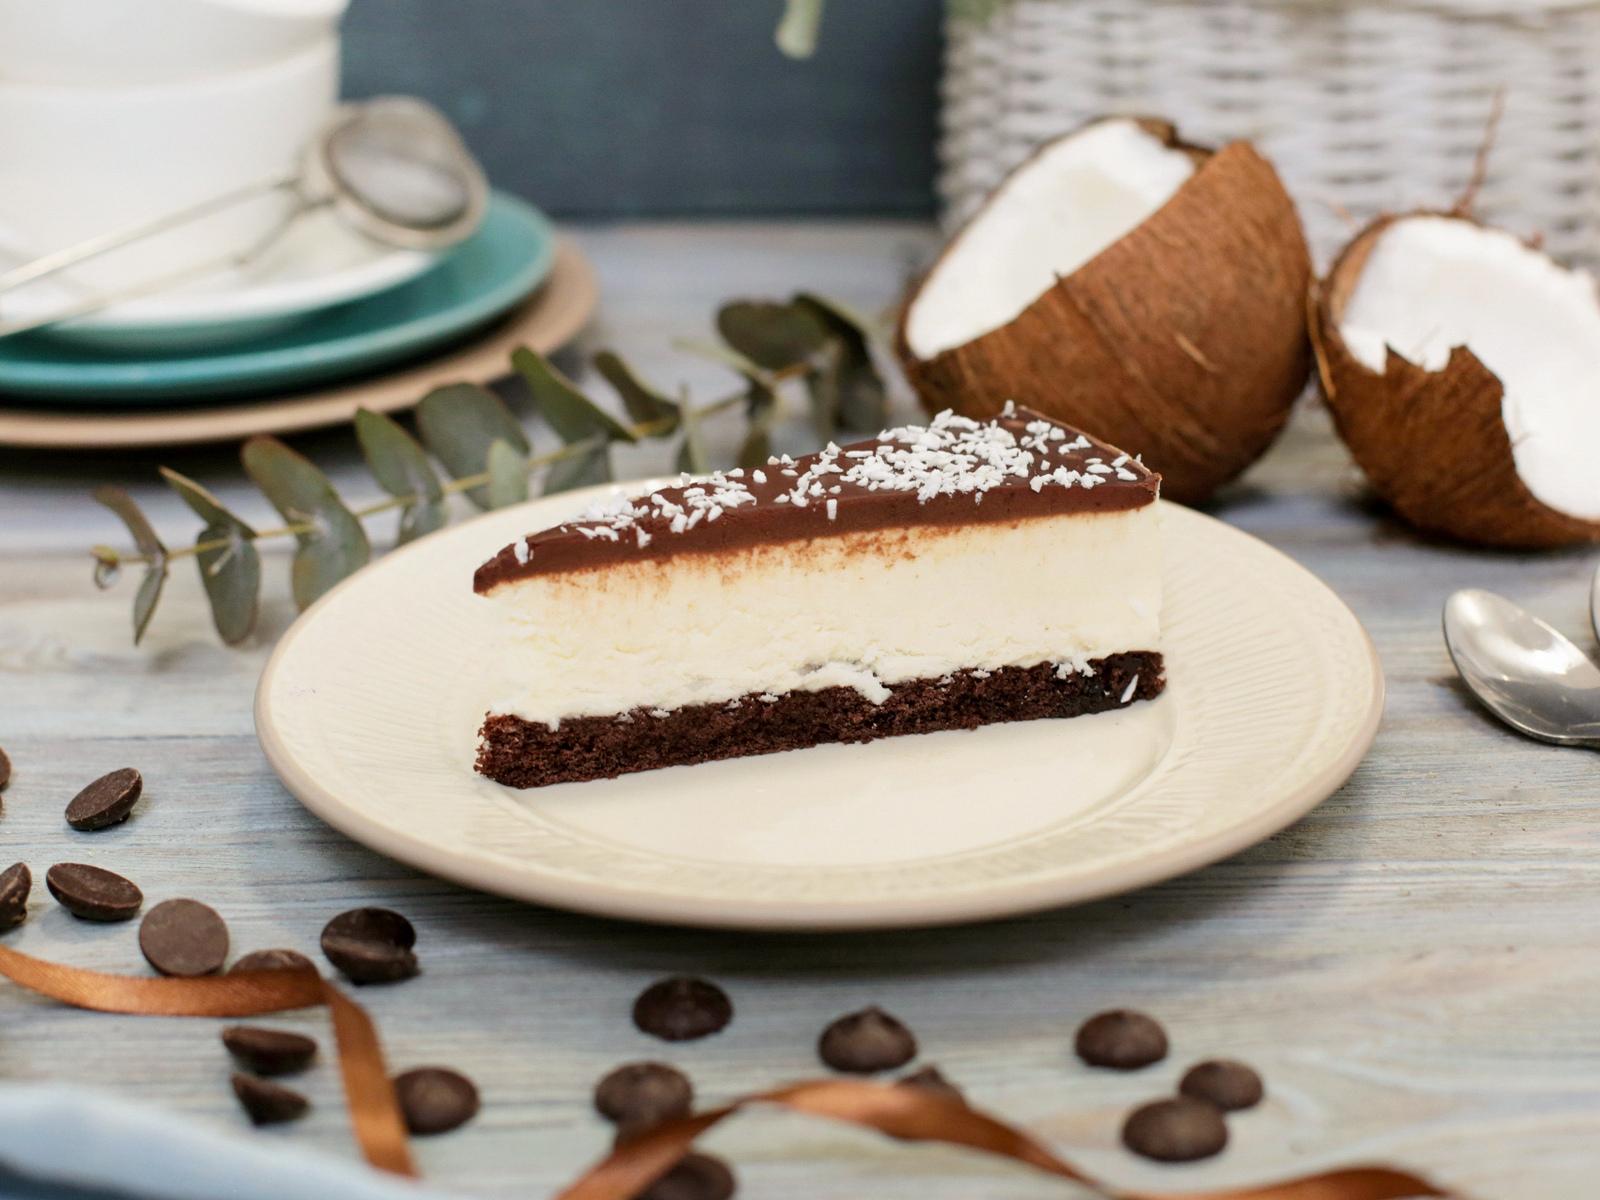 Муссовый торт Бразильский кокос и шоколад